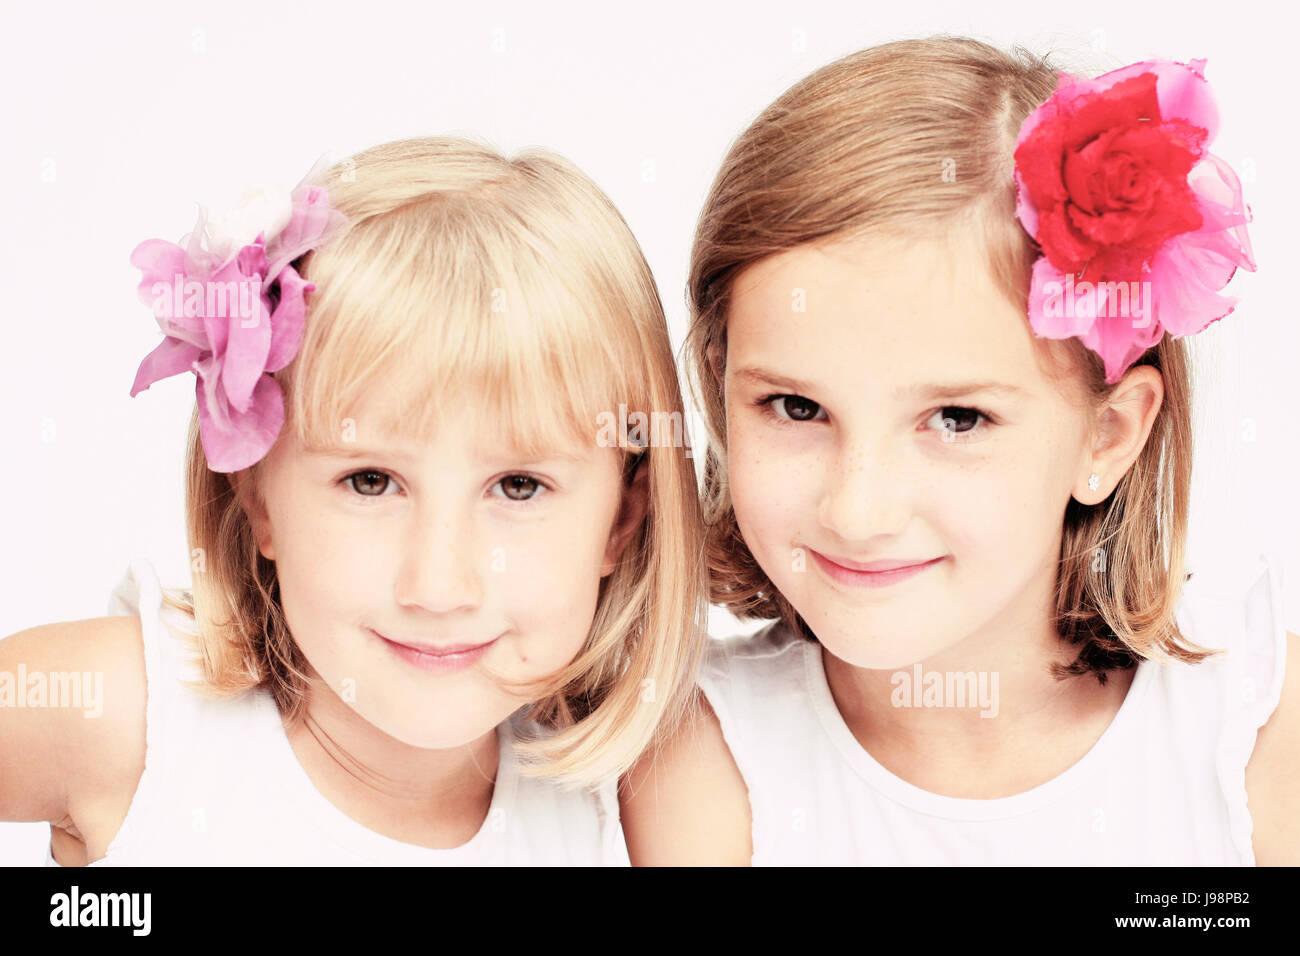 Kinder Sitzen Zwei Madchen Mit Bobs Bob Frisuren Und Blumen Im